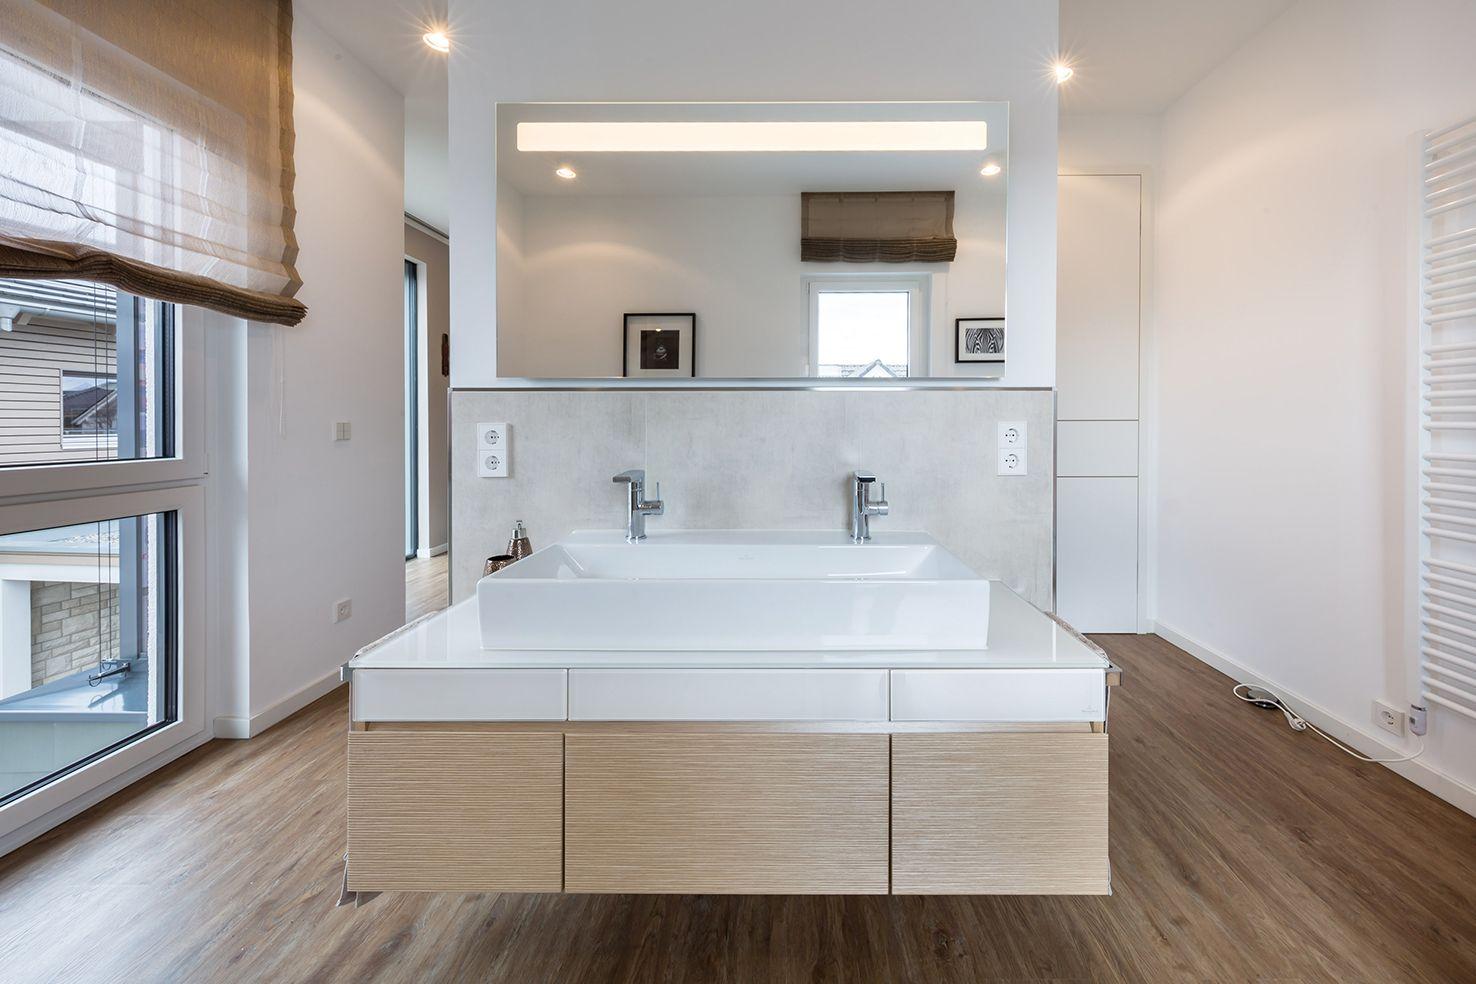 Innenausstattung badezimmer  OKAL Häuser für höchste Ansprüche | Innenausstattung der ...